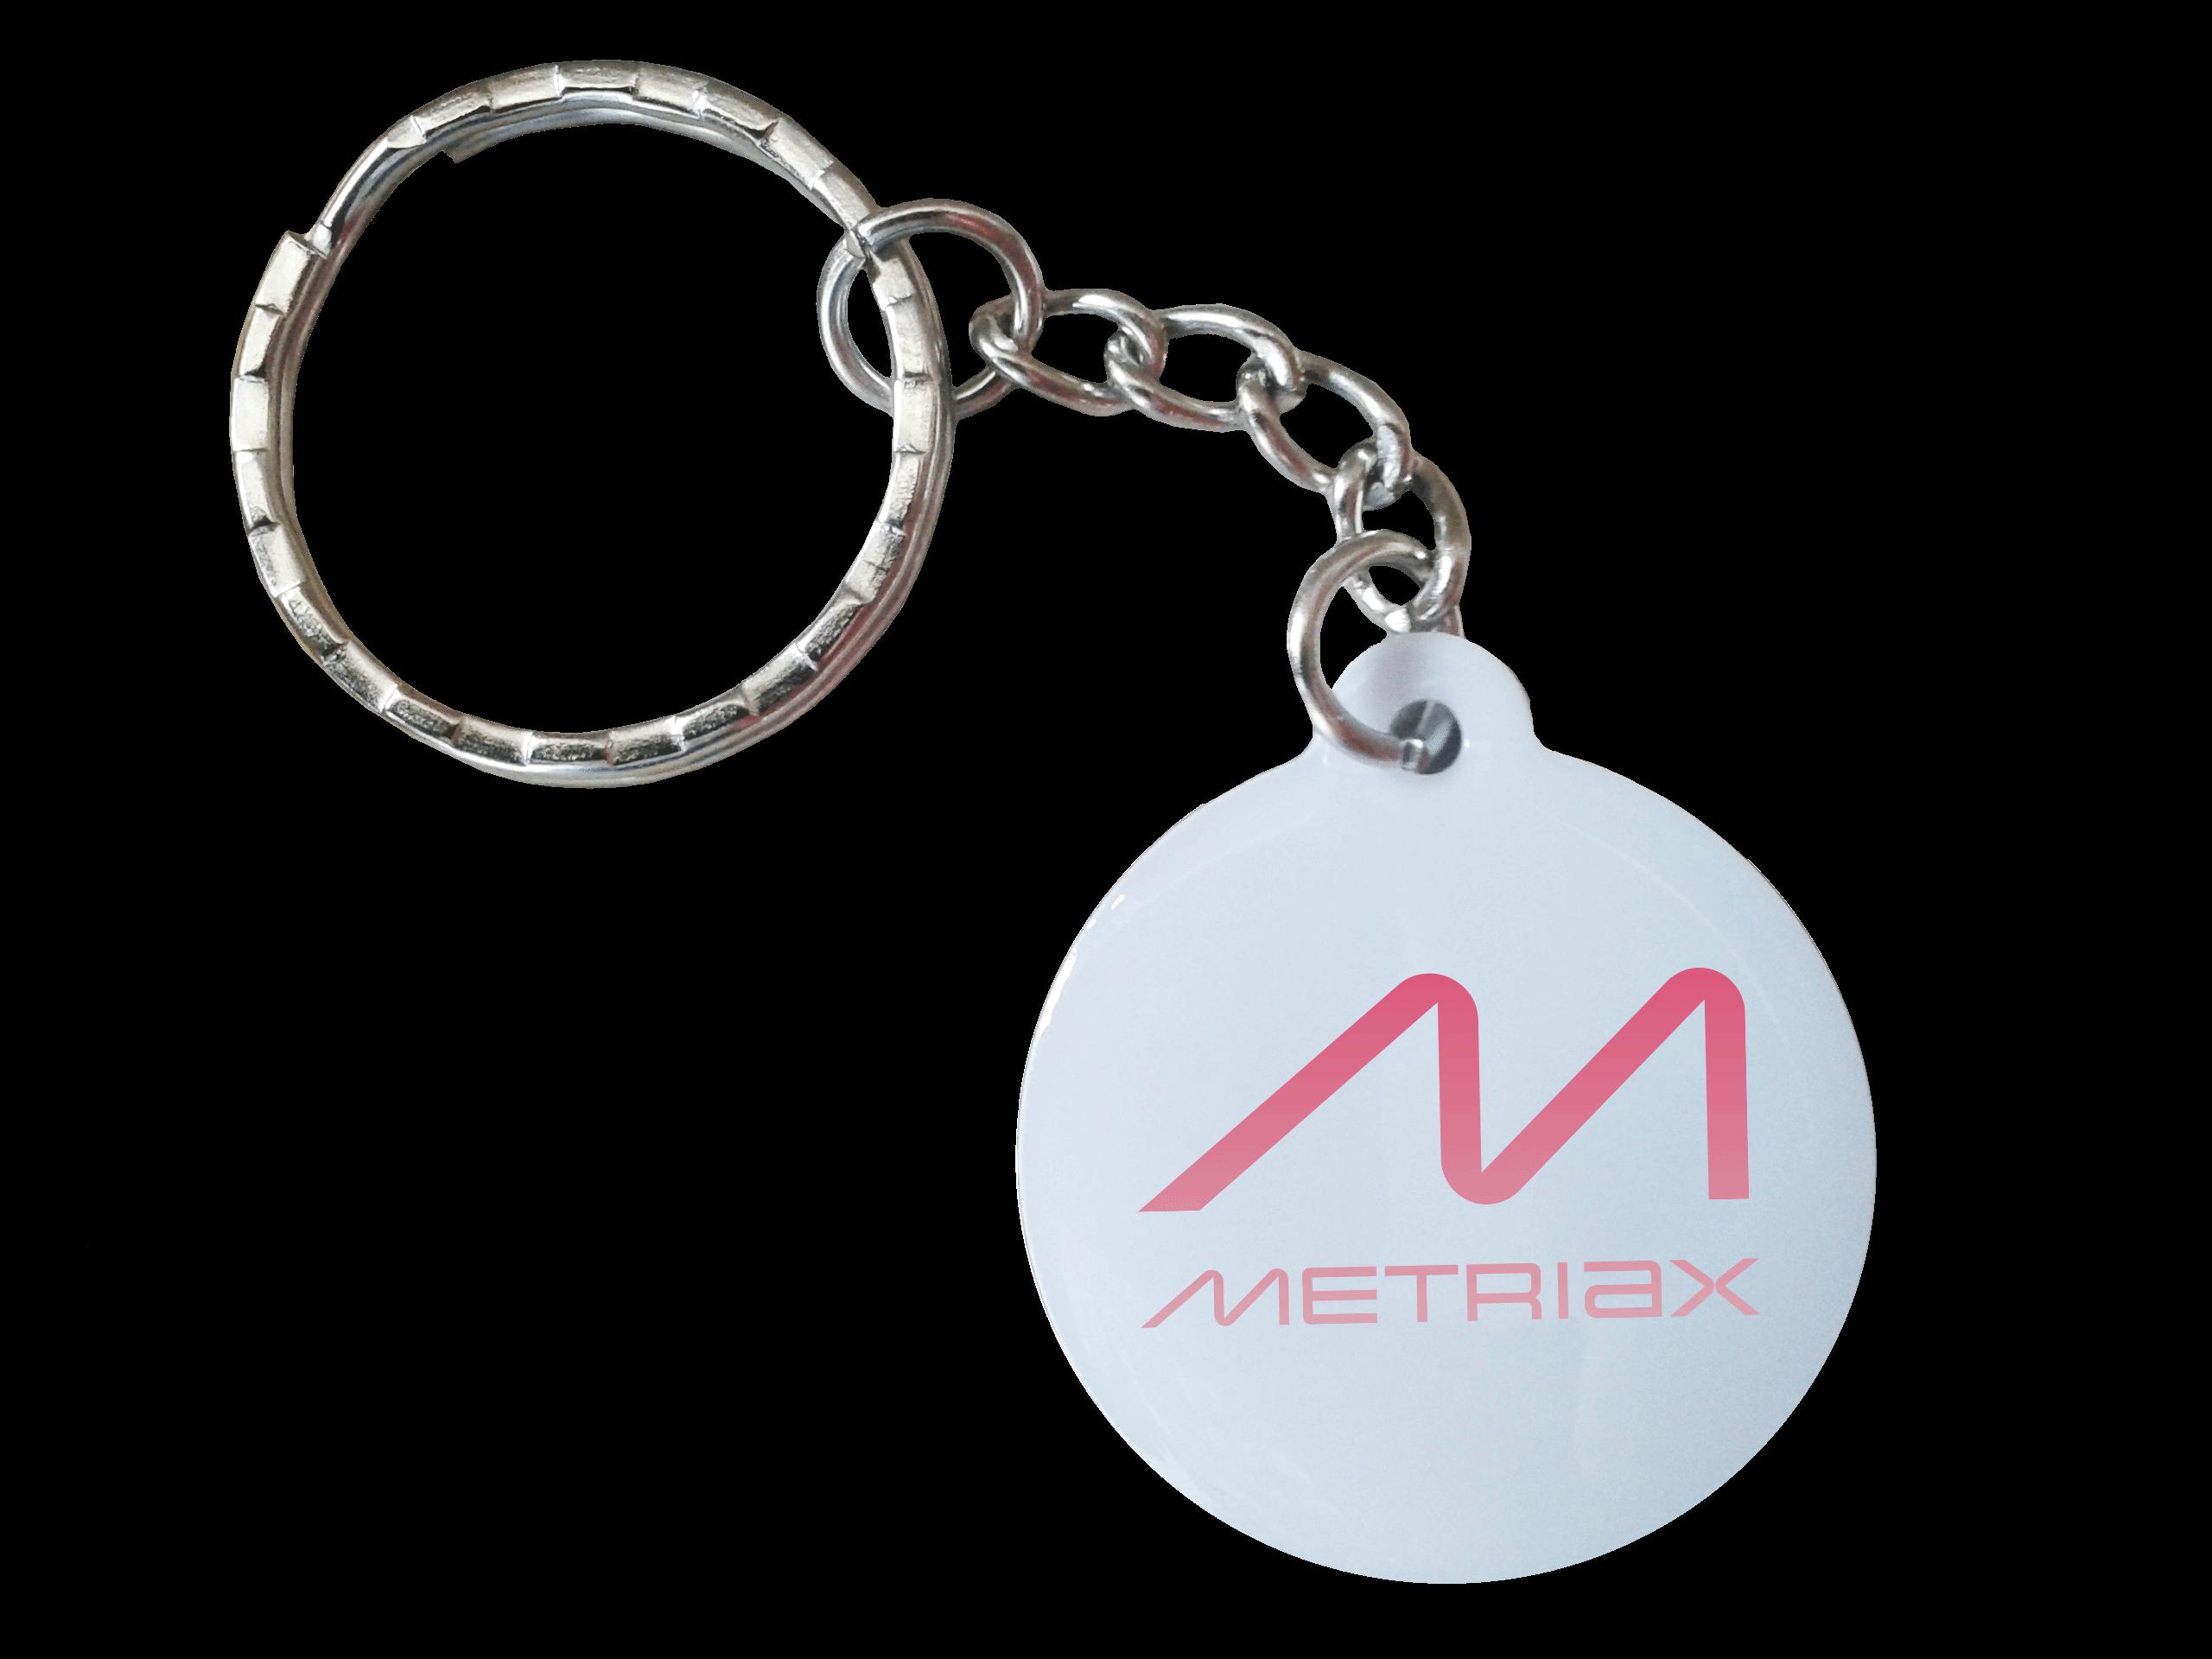 Metriax-Epoxy-RFID-NFC-Keyfob-Schlüsselanhänger